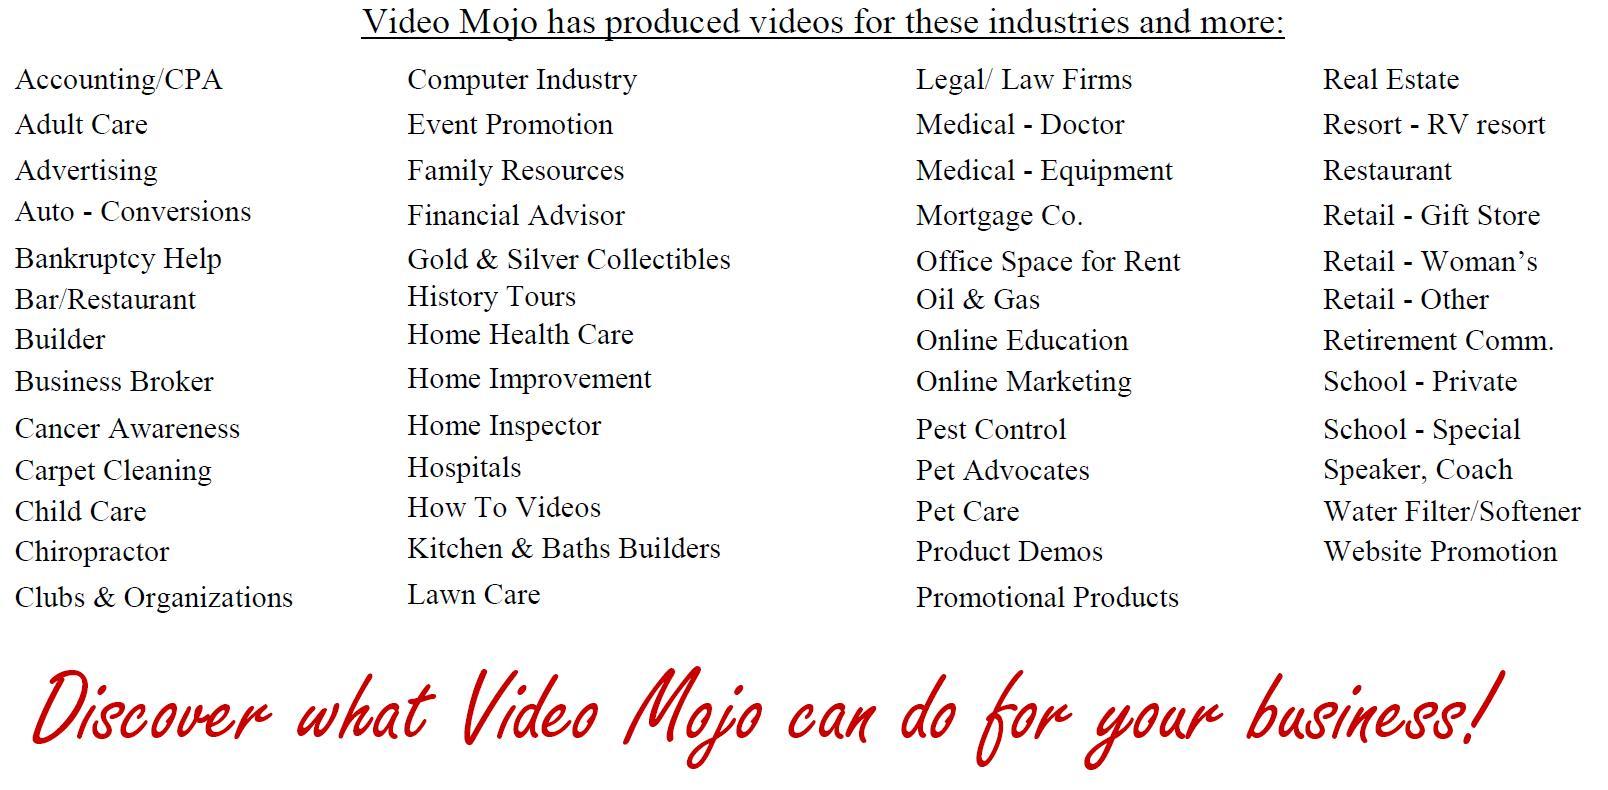 Video Mojo